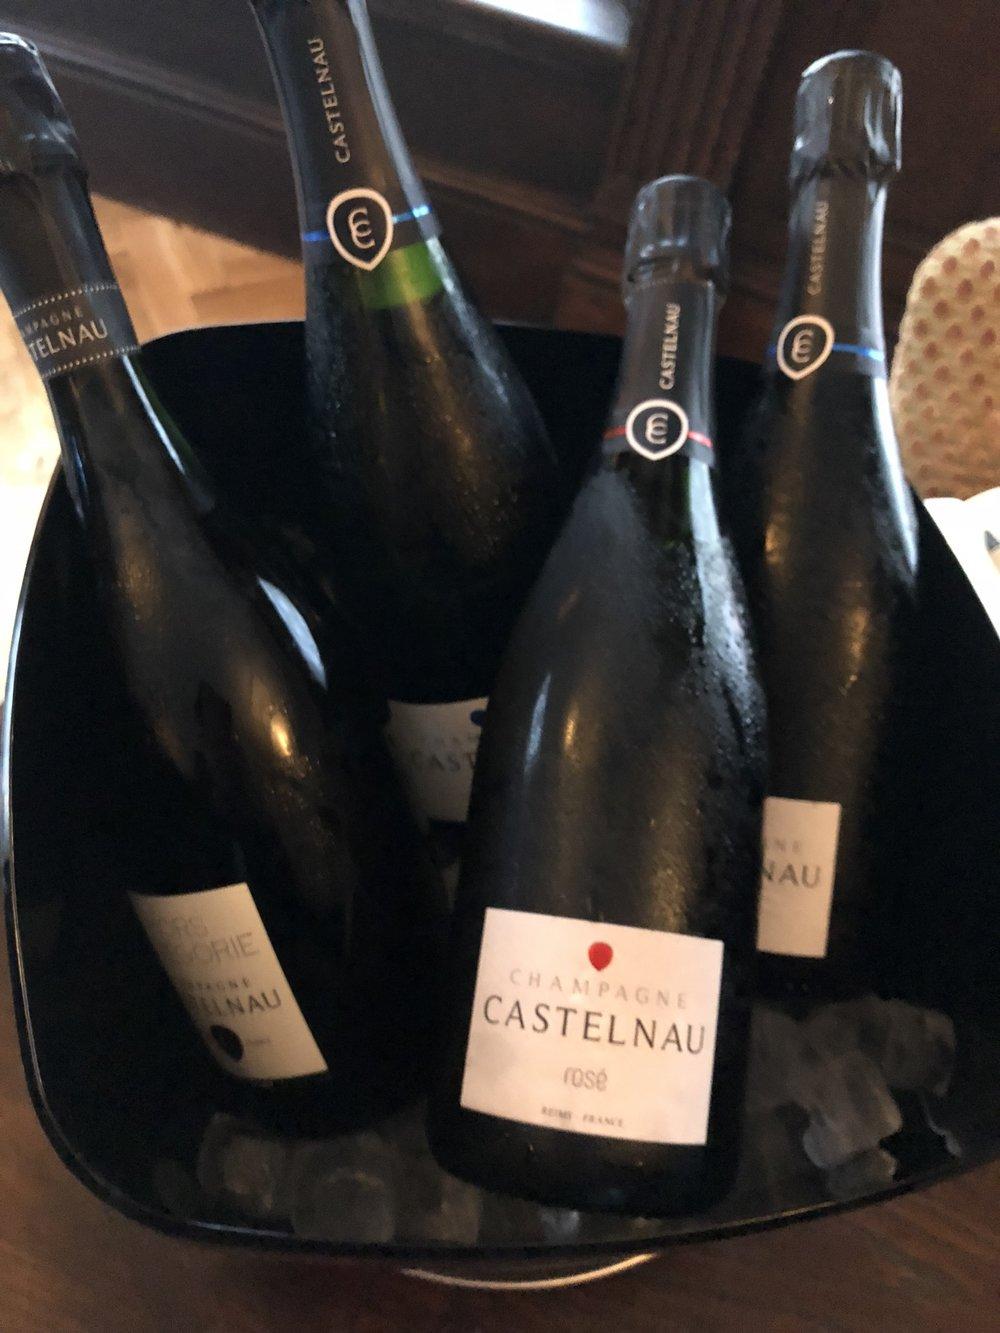 Champagne Castelnau Rosé served chilled (Credit: Sumi Sarma)